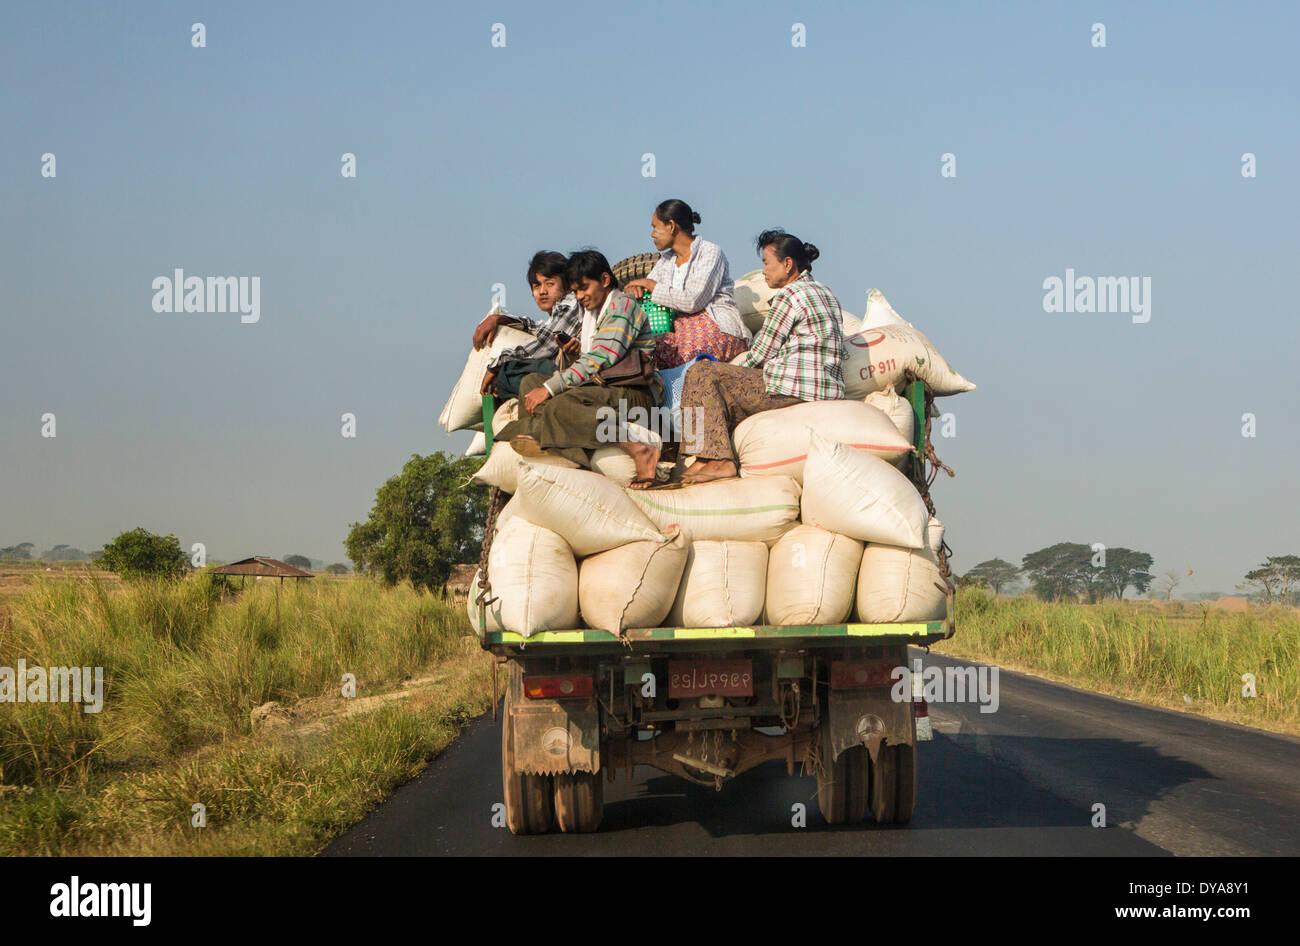 Nahverkehr, Mo, Myanmar, Burma, Asien, gefährlich, Menschen, Verkehr, LKW, überlastet Stockbild